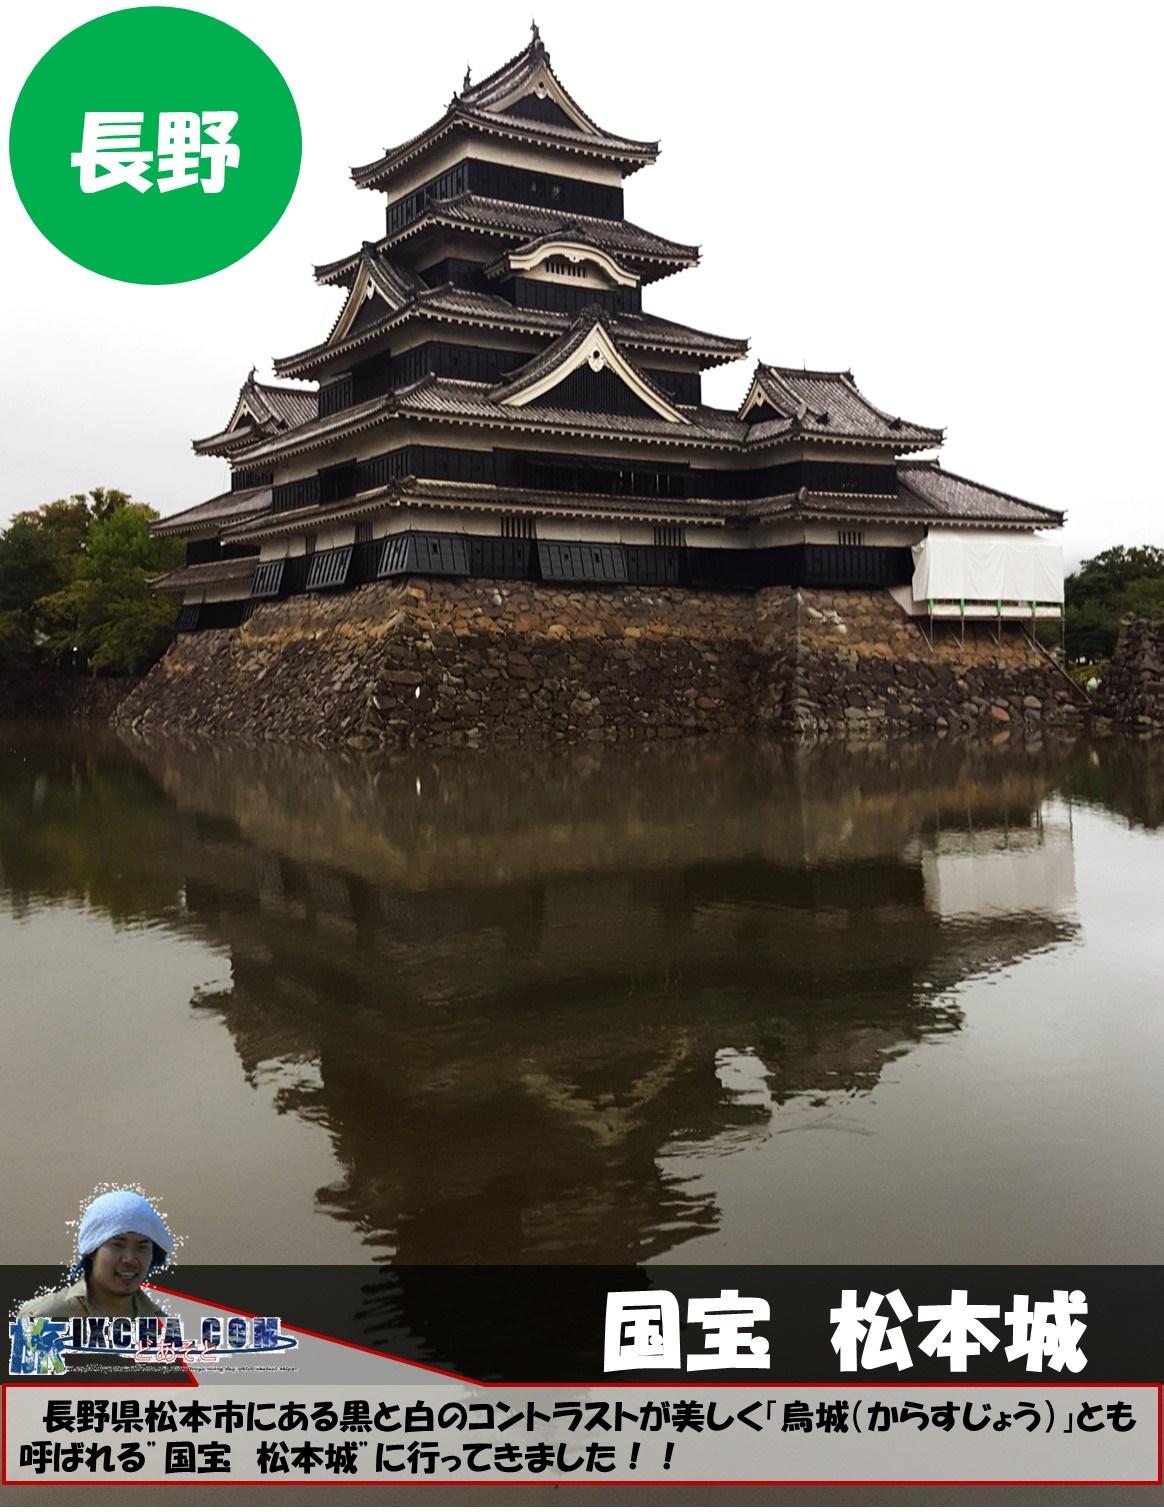 """長野 国宝 松本城 長野県松本市にある黒と白のコントラストが美しく「烏城(からすじょう)」とも呼ばれる""""国宝 松本城""""に行ってきました!!"""